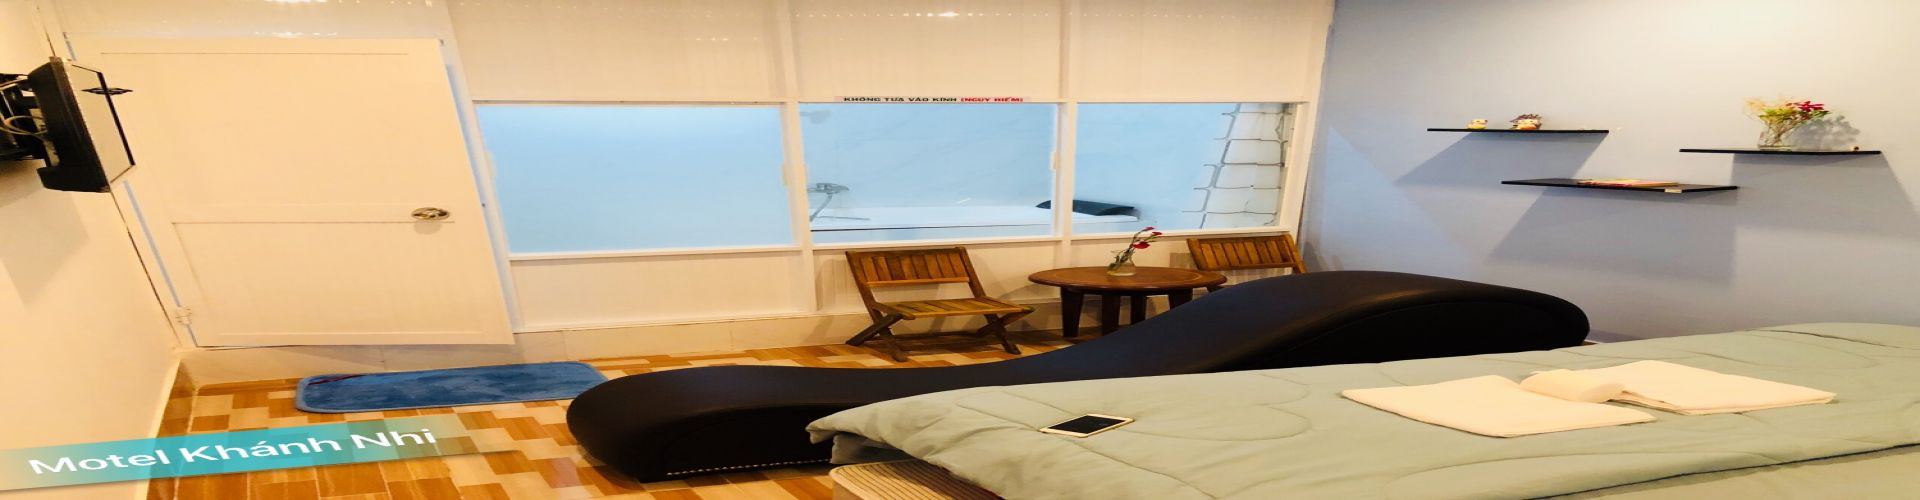 Nhà nghỉ Khánh Nhi slide 04